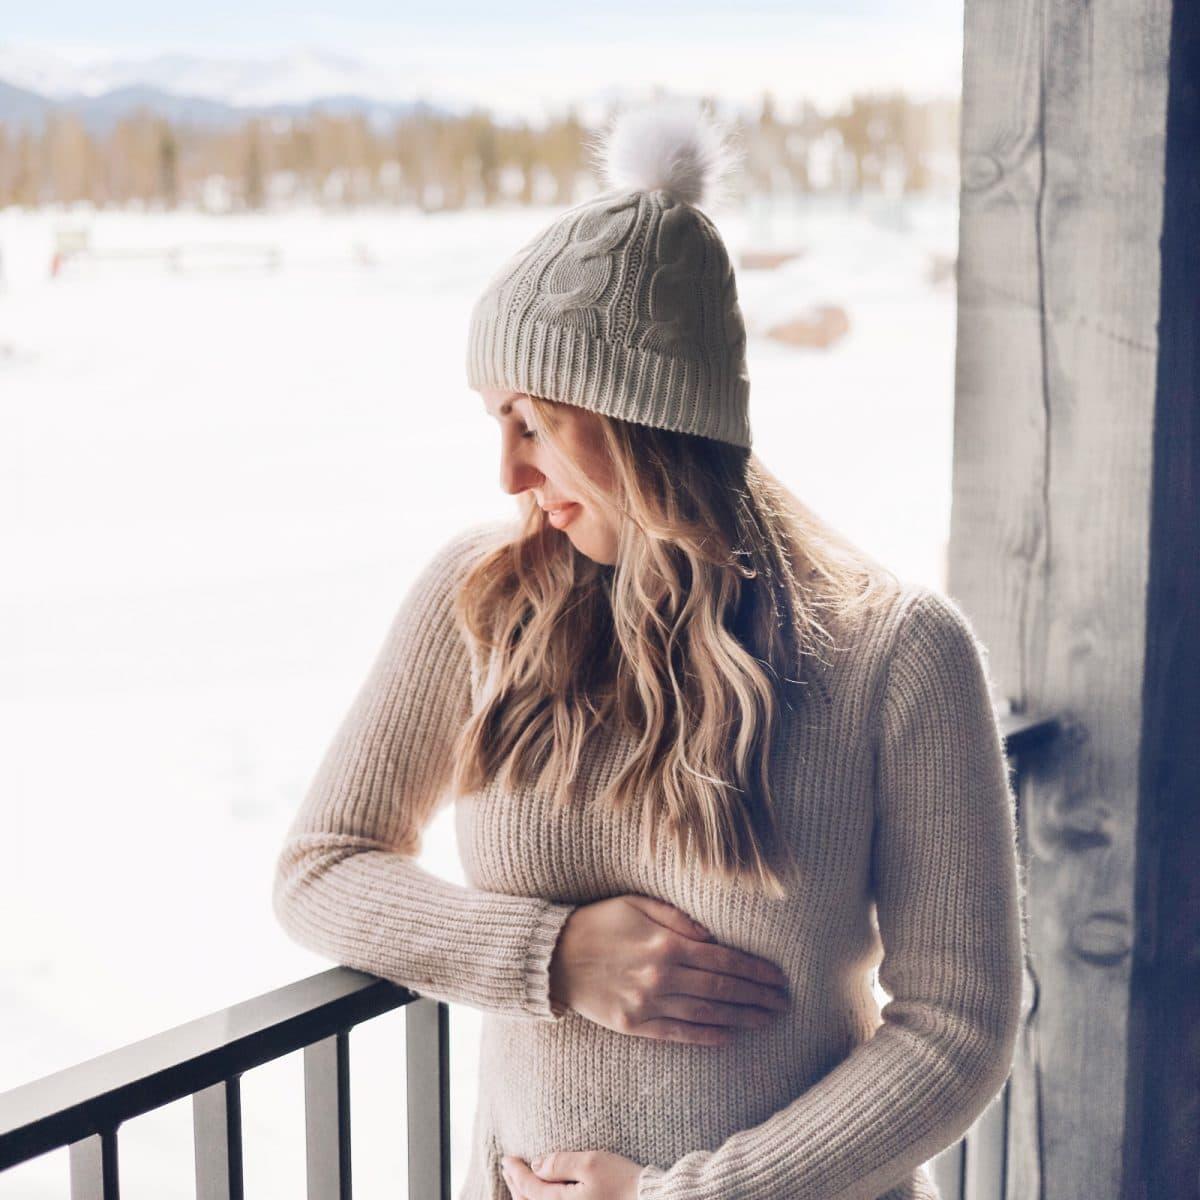 Houston blogger Meg O. shares her 12 week pregnancy update